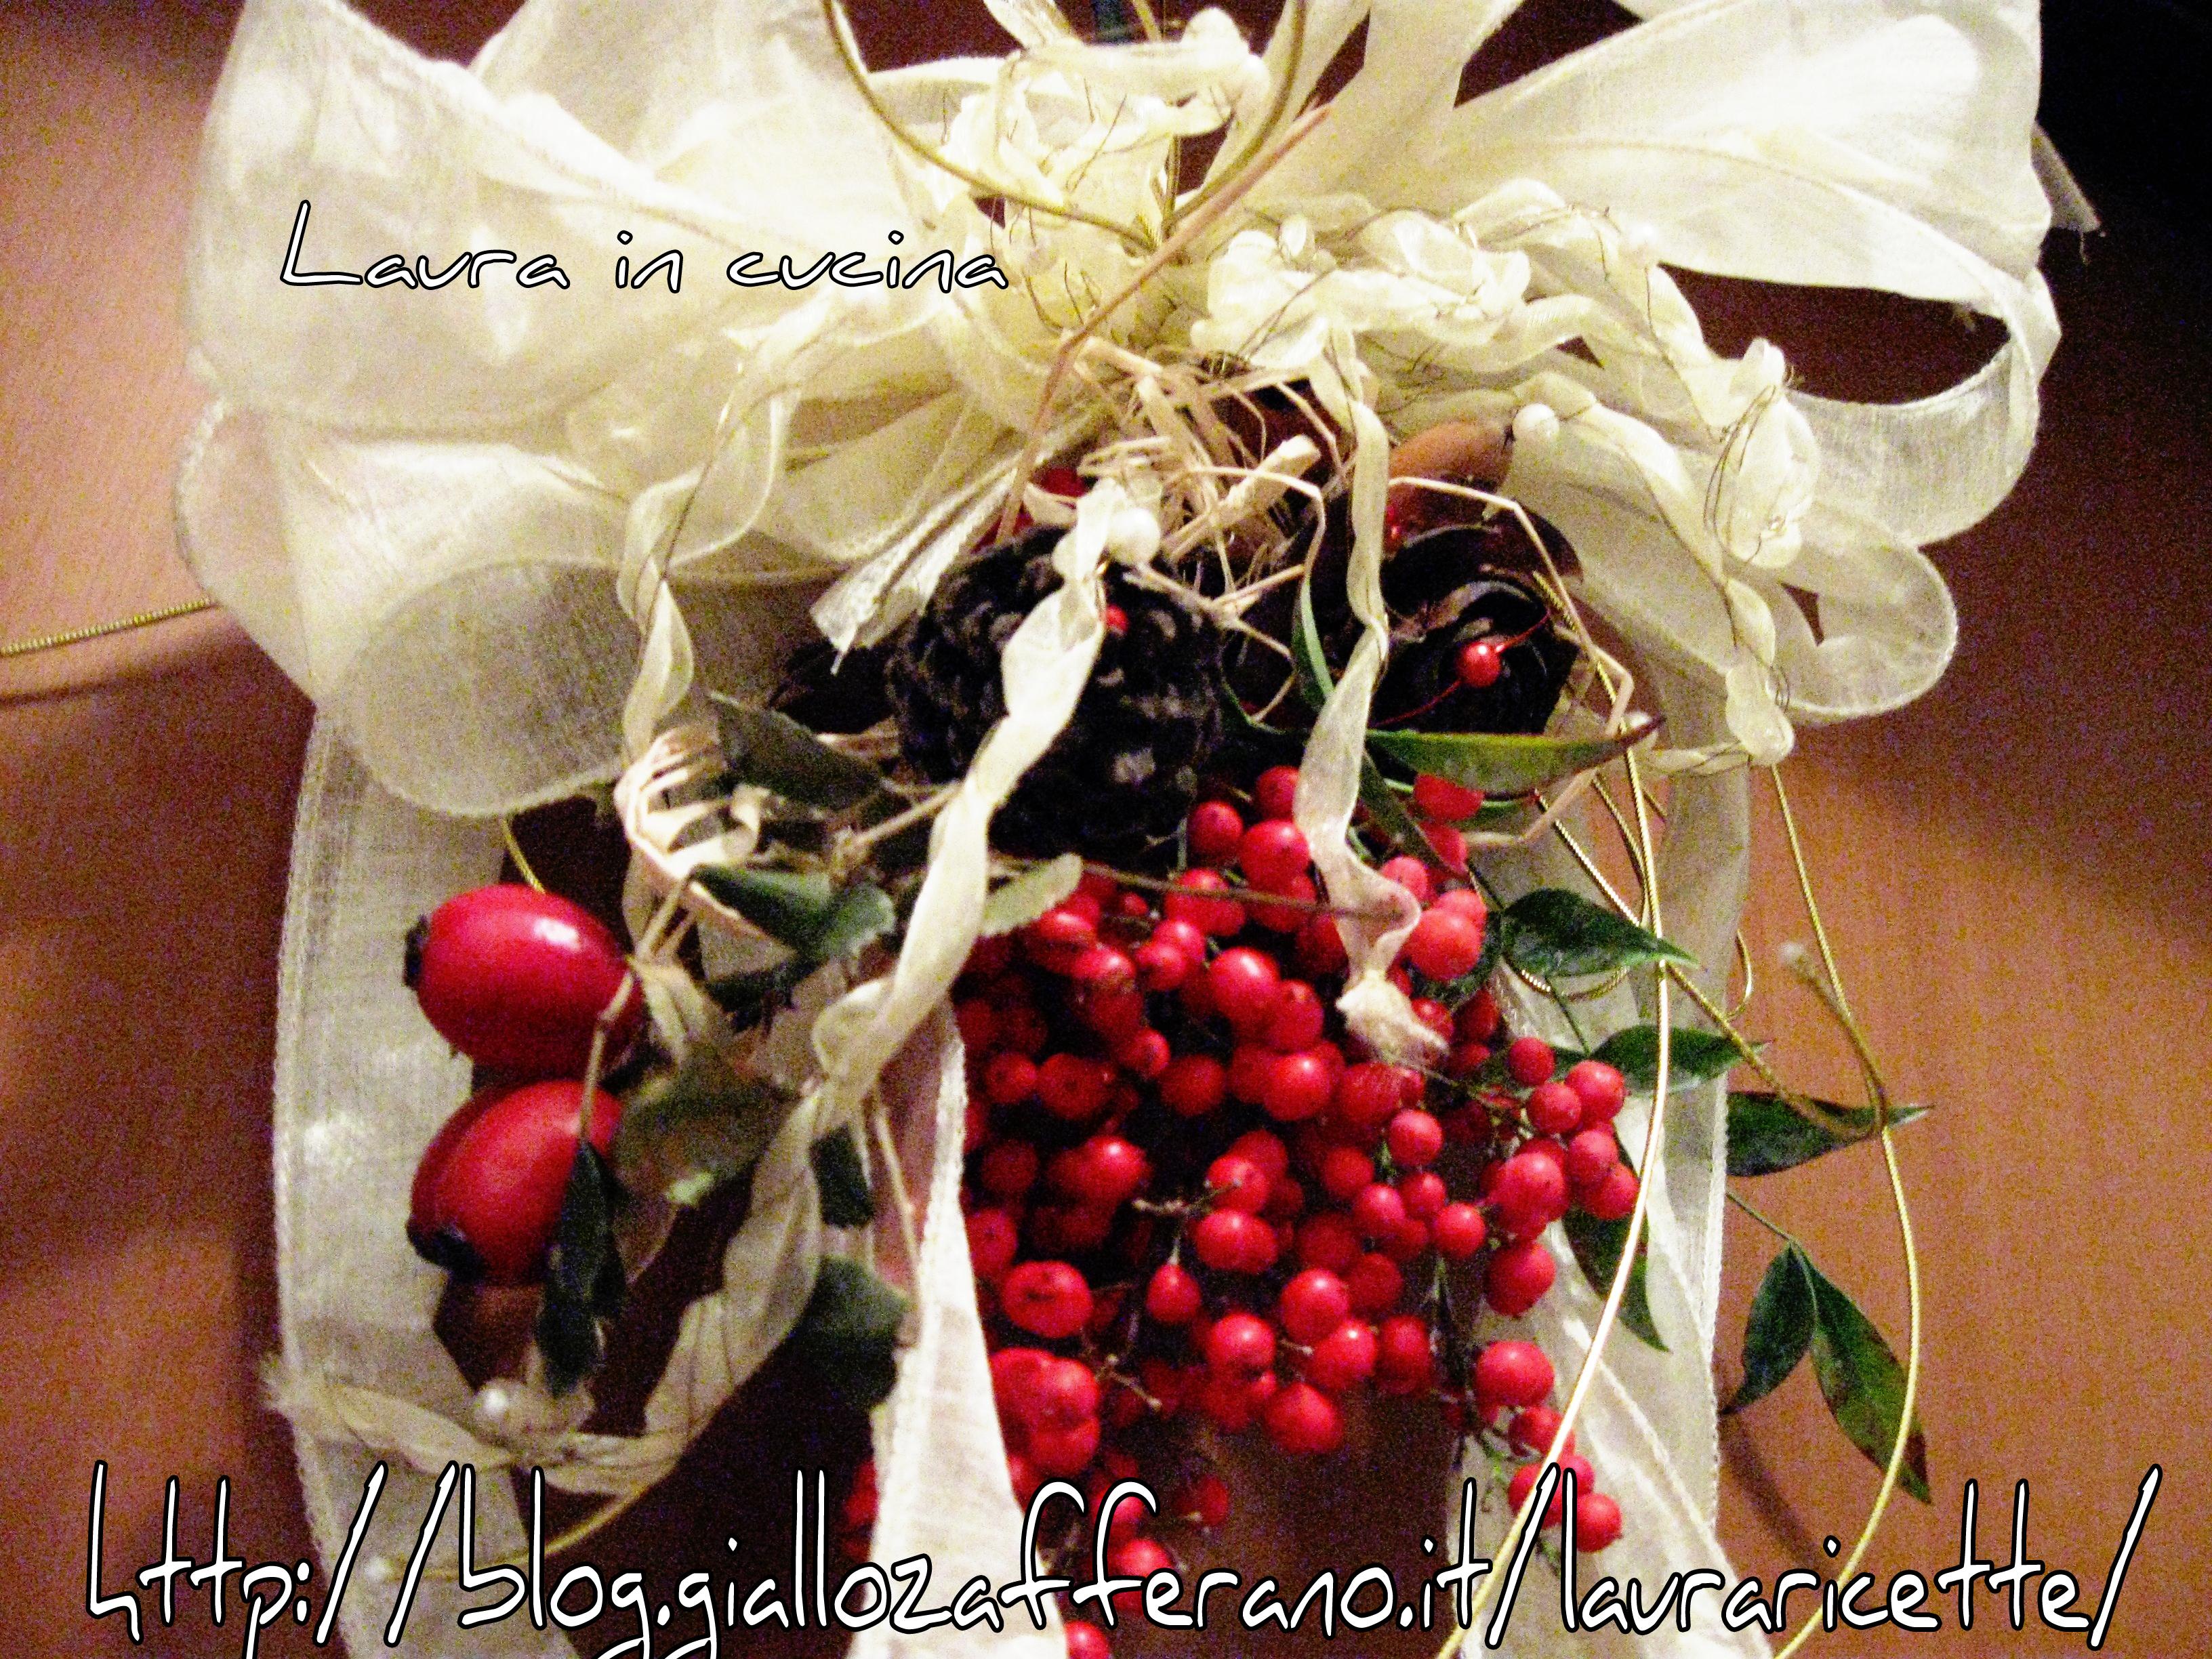 Decorazione natalizia con bacche all insegna del reciclo laura in cucina - Decorazione natalizia per porta ...